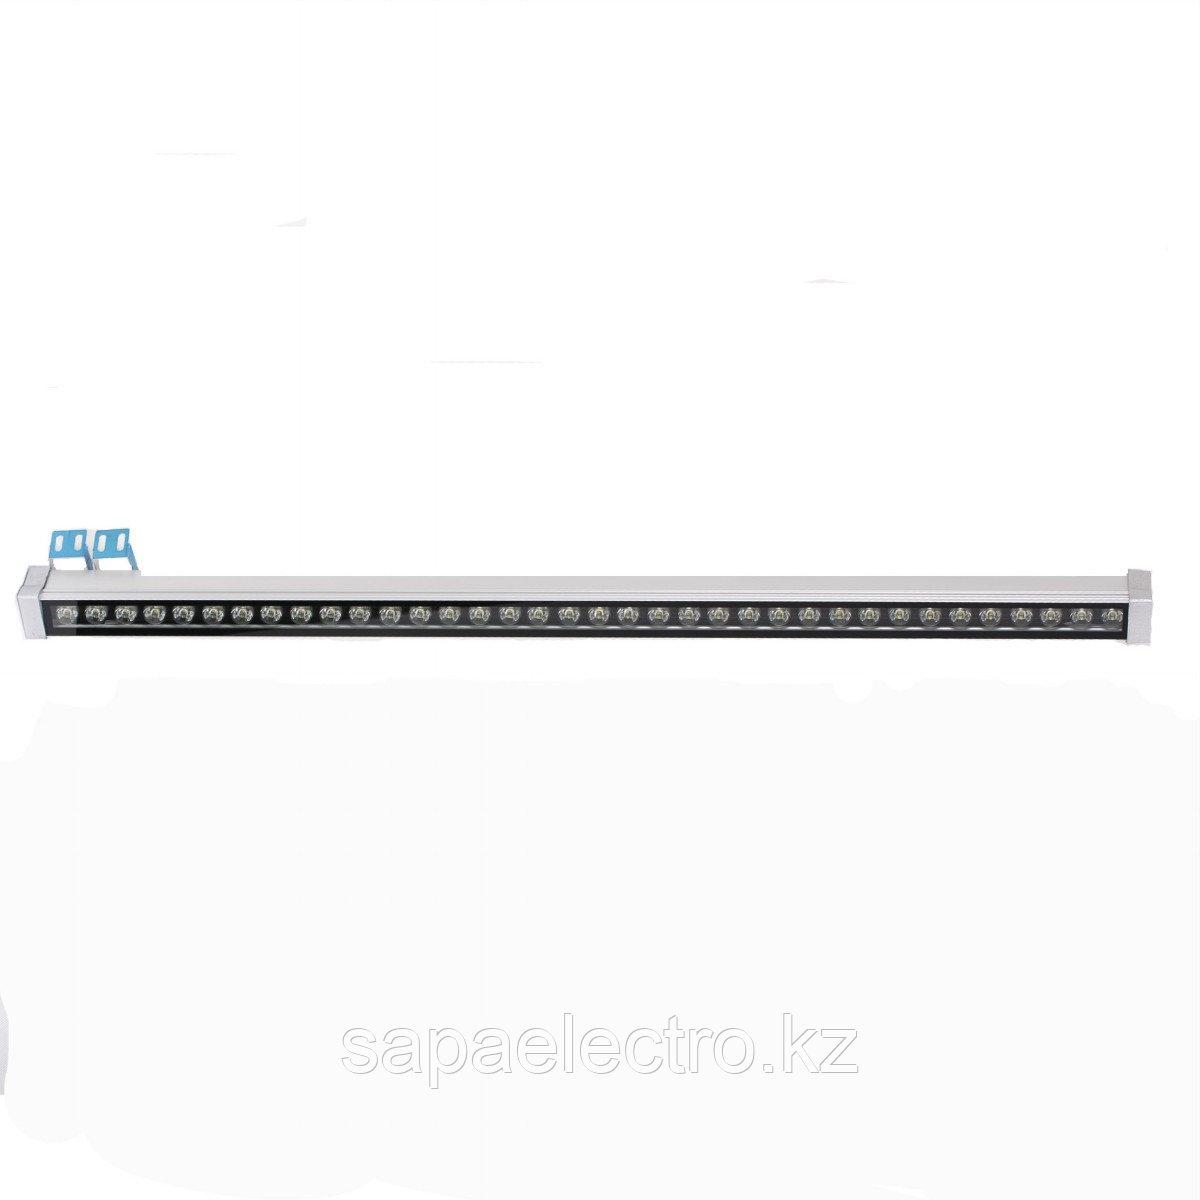 Prozh-r LED WW03 36W 100sm 6000K IP65 (TEKLED)20